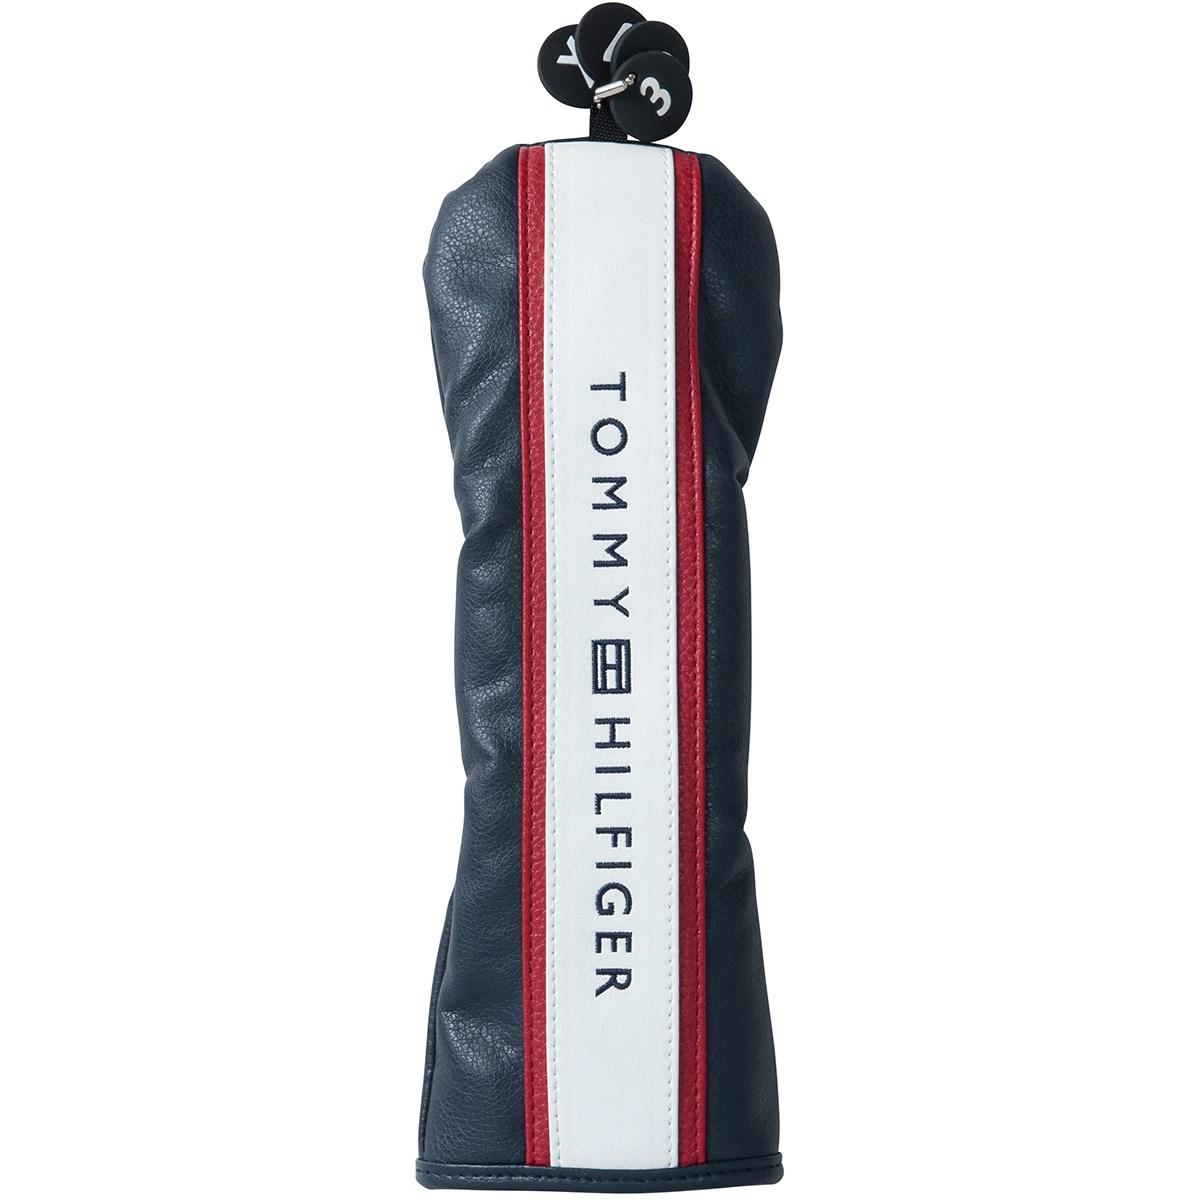 トミー ヒルフィガー ゴルフ TOMMY HILFIGER GOLF スリッポン型ヘッドカバー FW用 有り/番手付け替え式(3、5、7、X) ネイビー 30